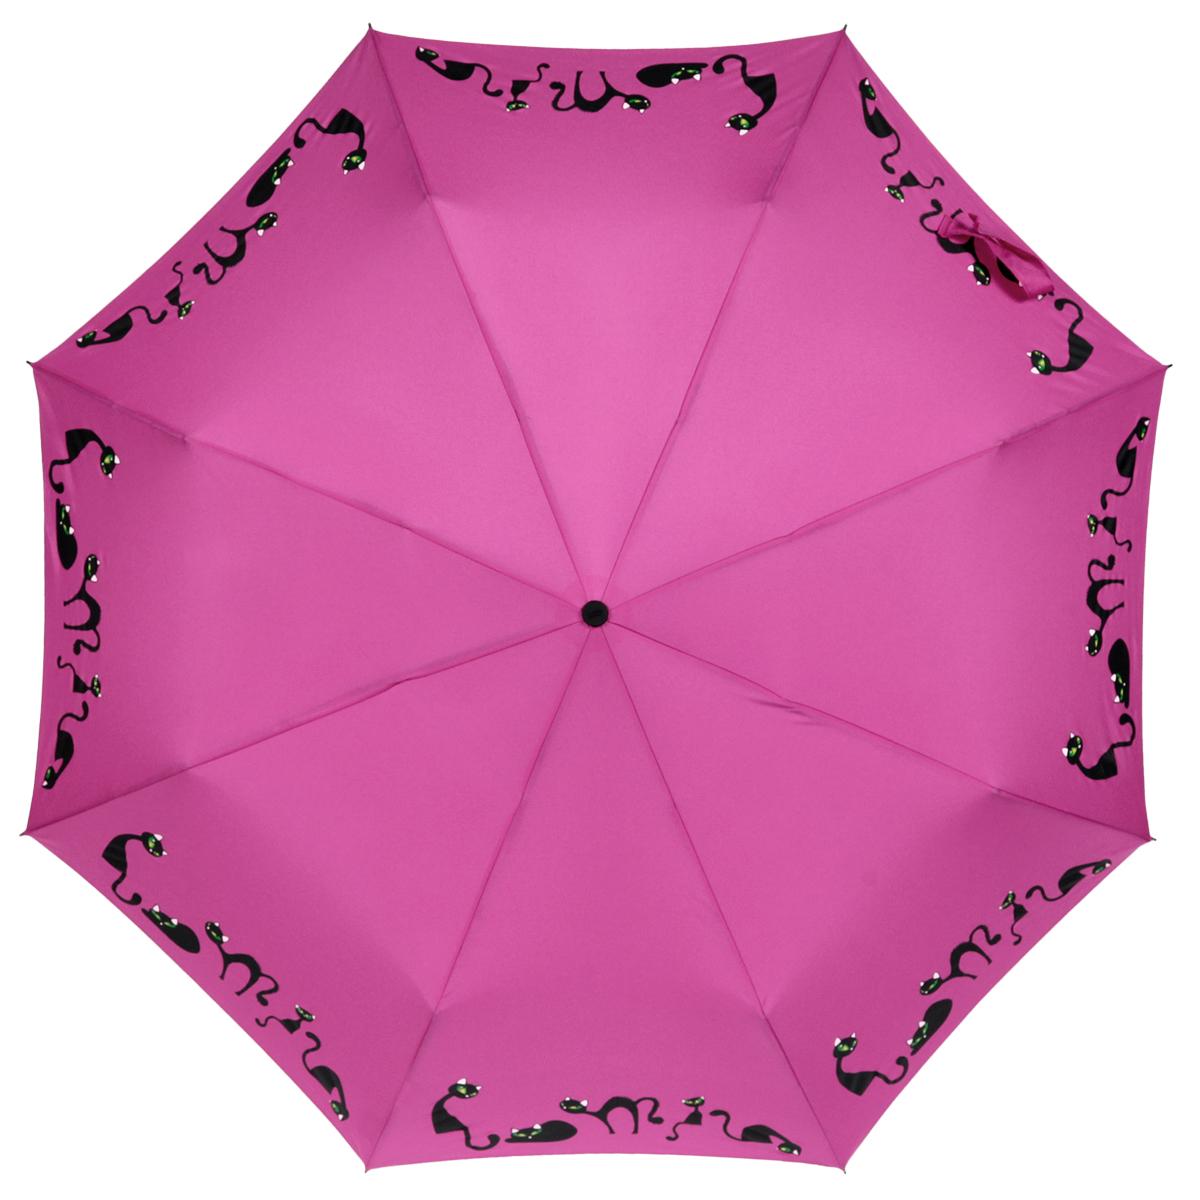 Зонт женский Zest, автомат, 3 сложения, цвет: фиолетовый. 23929-102323929-1023Элегантный автоматический зонт Zest в 3 сложения изготовлен из высокопрочных материалов. Каркас зонта состоит из 8 спиц и прочного алюминиевого стержня. Специальная система Windproof защищает его от поломок во время сильных порывов ветра. Купол зонта выполнен из прочного полиэстера с водоотталкивающей пропиткой и оформлен изображением прелестных кошечек. Используемые высококачественные красители обеспечивают длительное сохранение свойств ткани купола. Рукоятка, разработанная с учетом требований эргономики, выполнена из пластика. Зонт имеет полный автоматический механизм сложения: купол открывается и закрывается нажатием кнопки на рукоятке, стержень складывается вручную до характерного щелчка. Благодаря этому открыть и закрыть зонт можно одной рукой, что чрезвычайно удобно при входе в транспорт или помещение. Небольшой шнурок, расположенный на рукоятке, позволяет надеть изделие на руку при необходимости. Модель закрывается при помощи хлястика на застежку-липучку. К зонту...